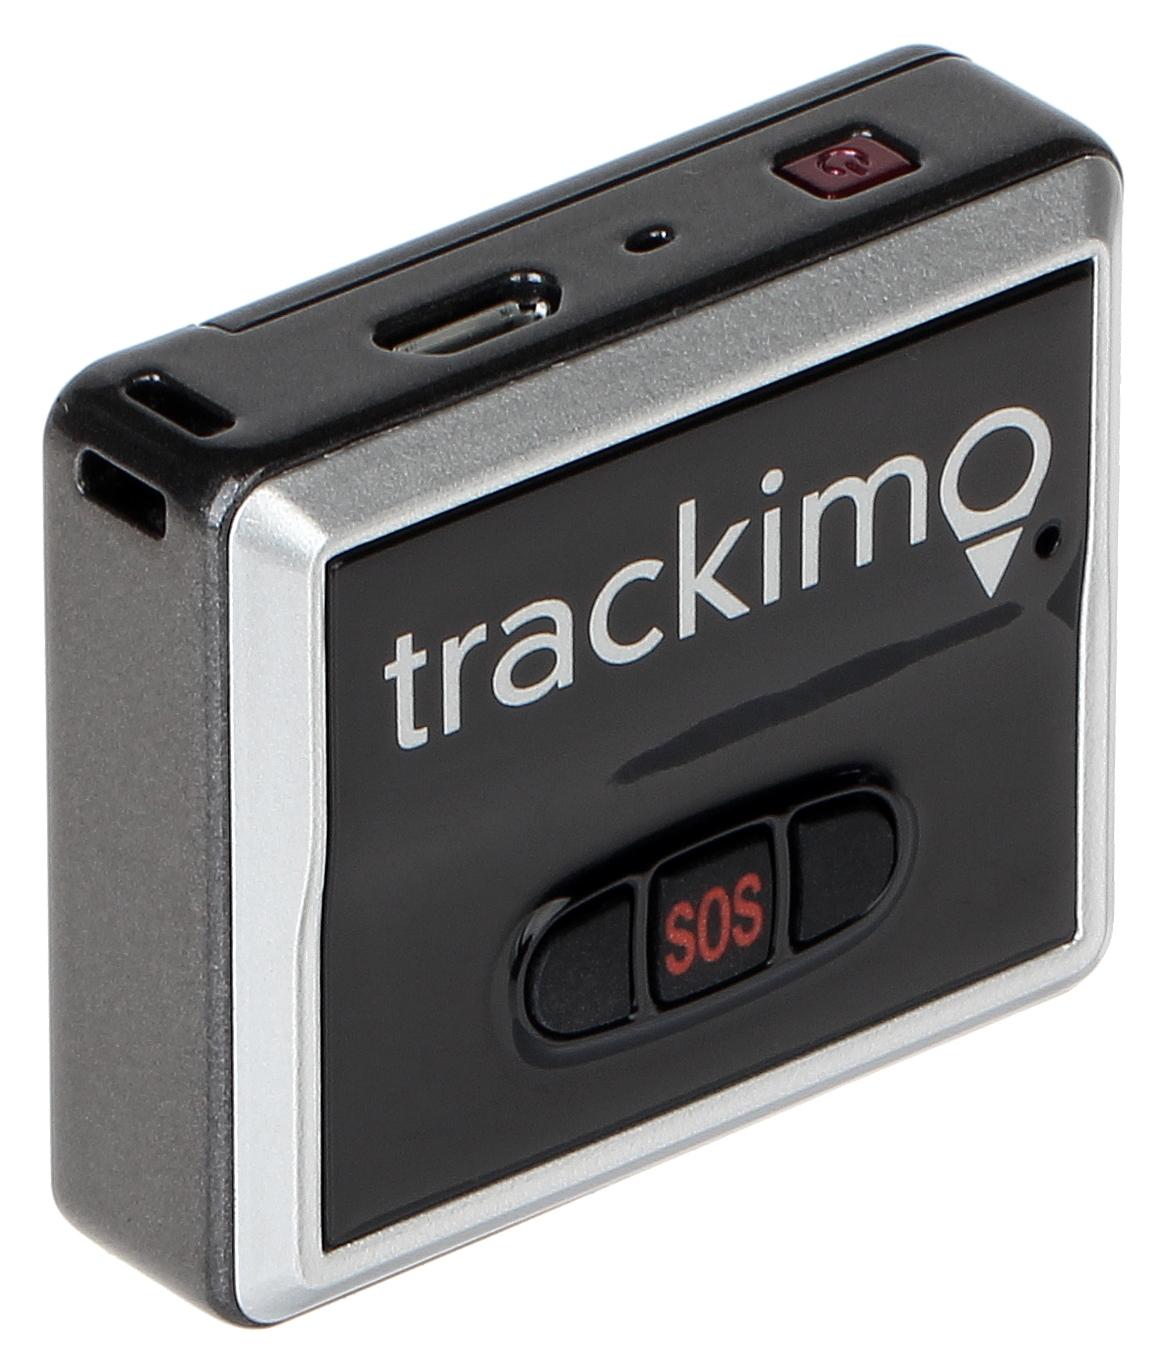 Gps Tracker Trackimo Optimum Trackimo Gps Trackers Delta